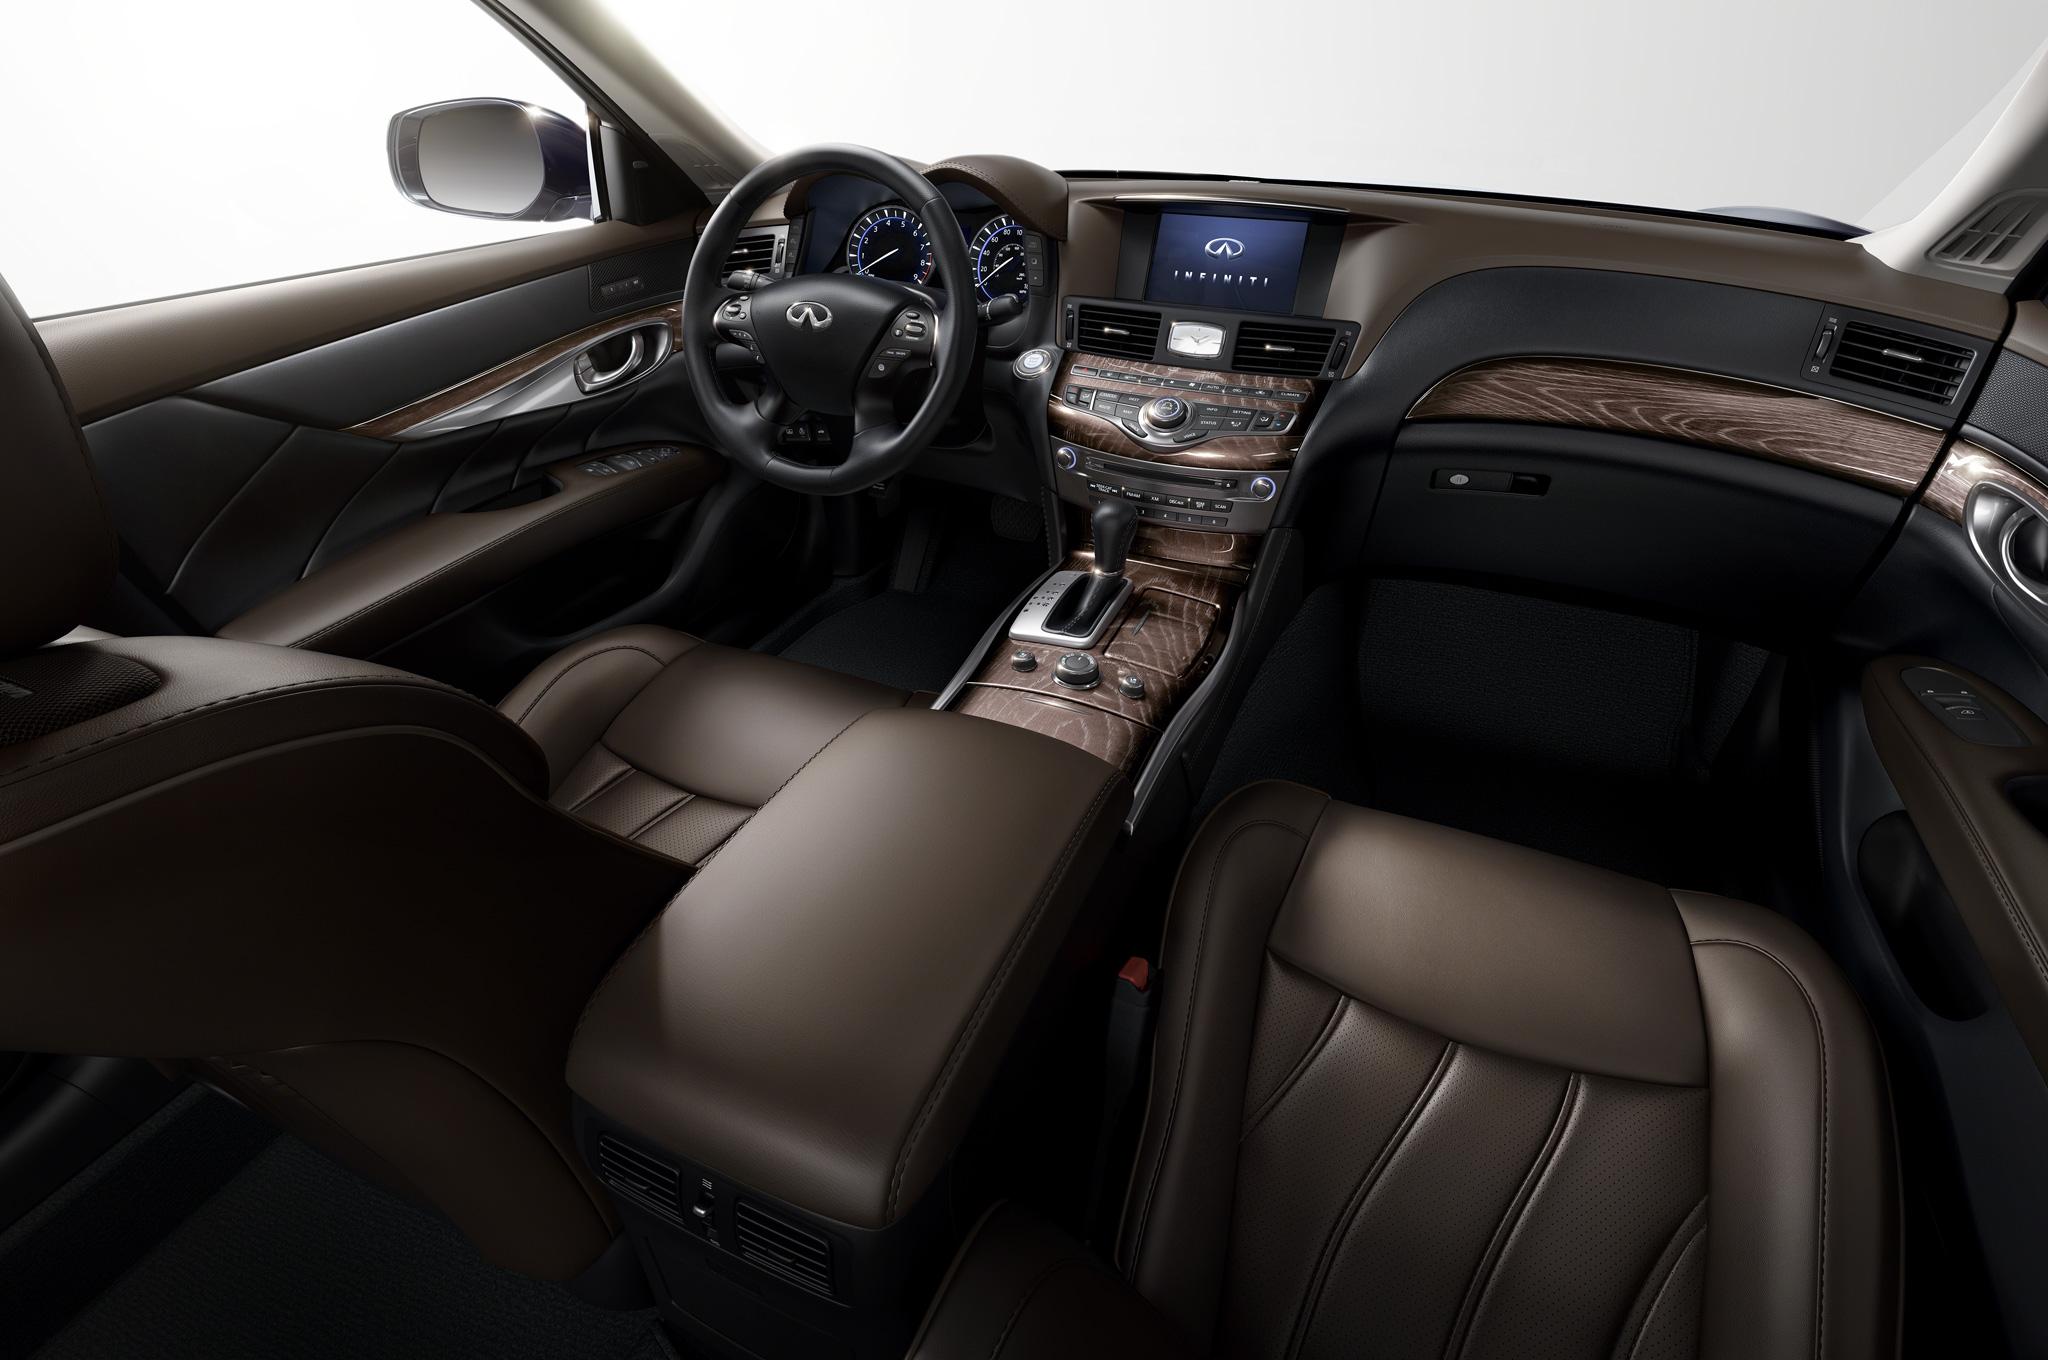 2015 Infiniti Q70l Dashboard Design (View 7 of 10)